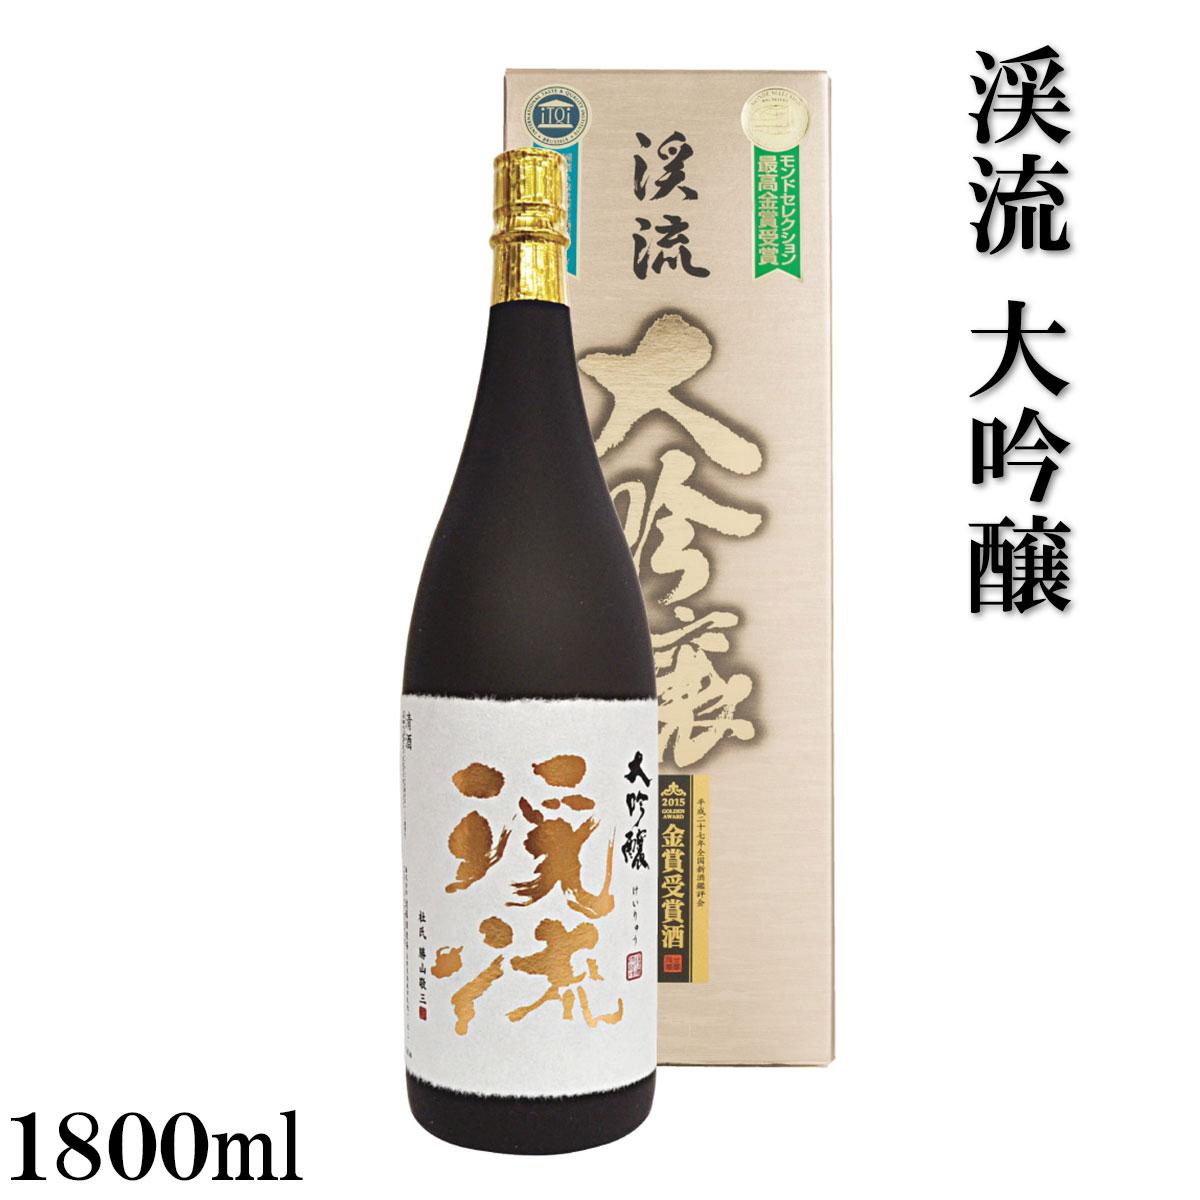 【ふるさと納税】渓流 大吟醸 1800ml(化粧箱入り) 【日本酒・お酒】